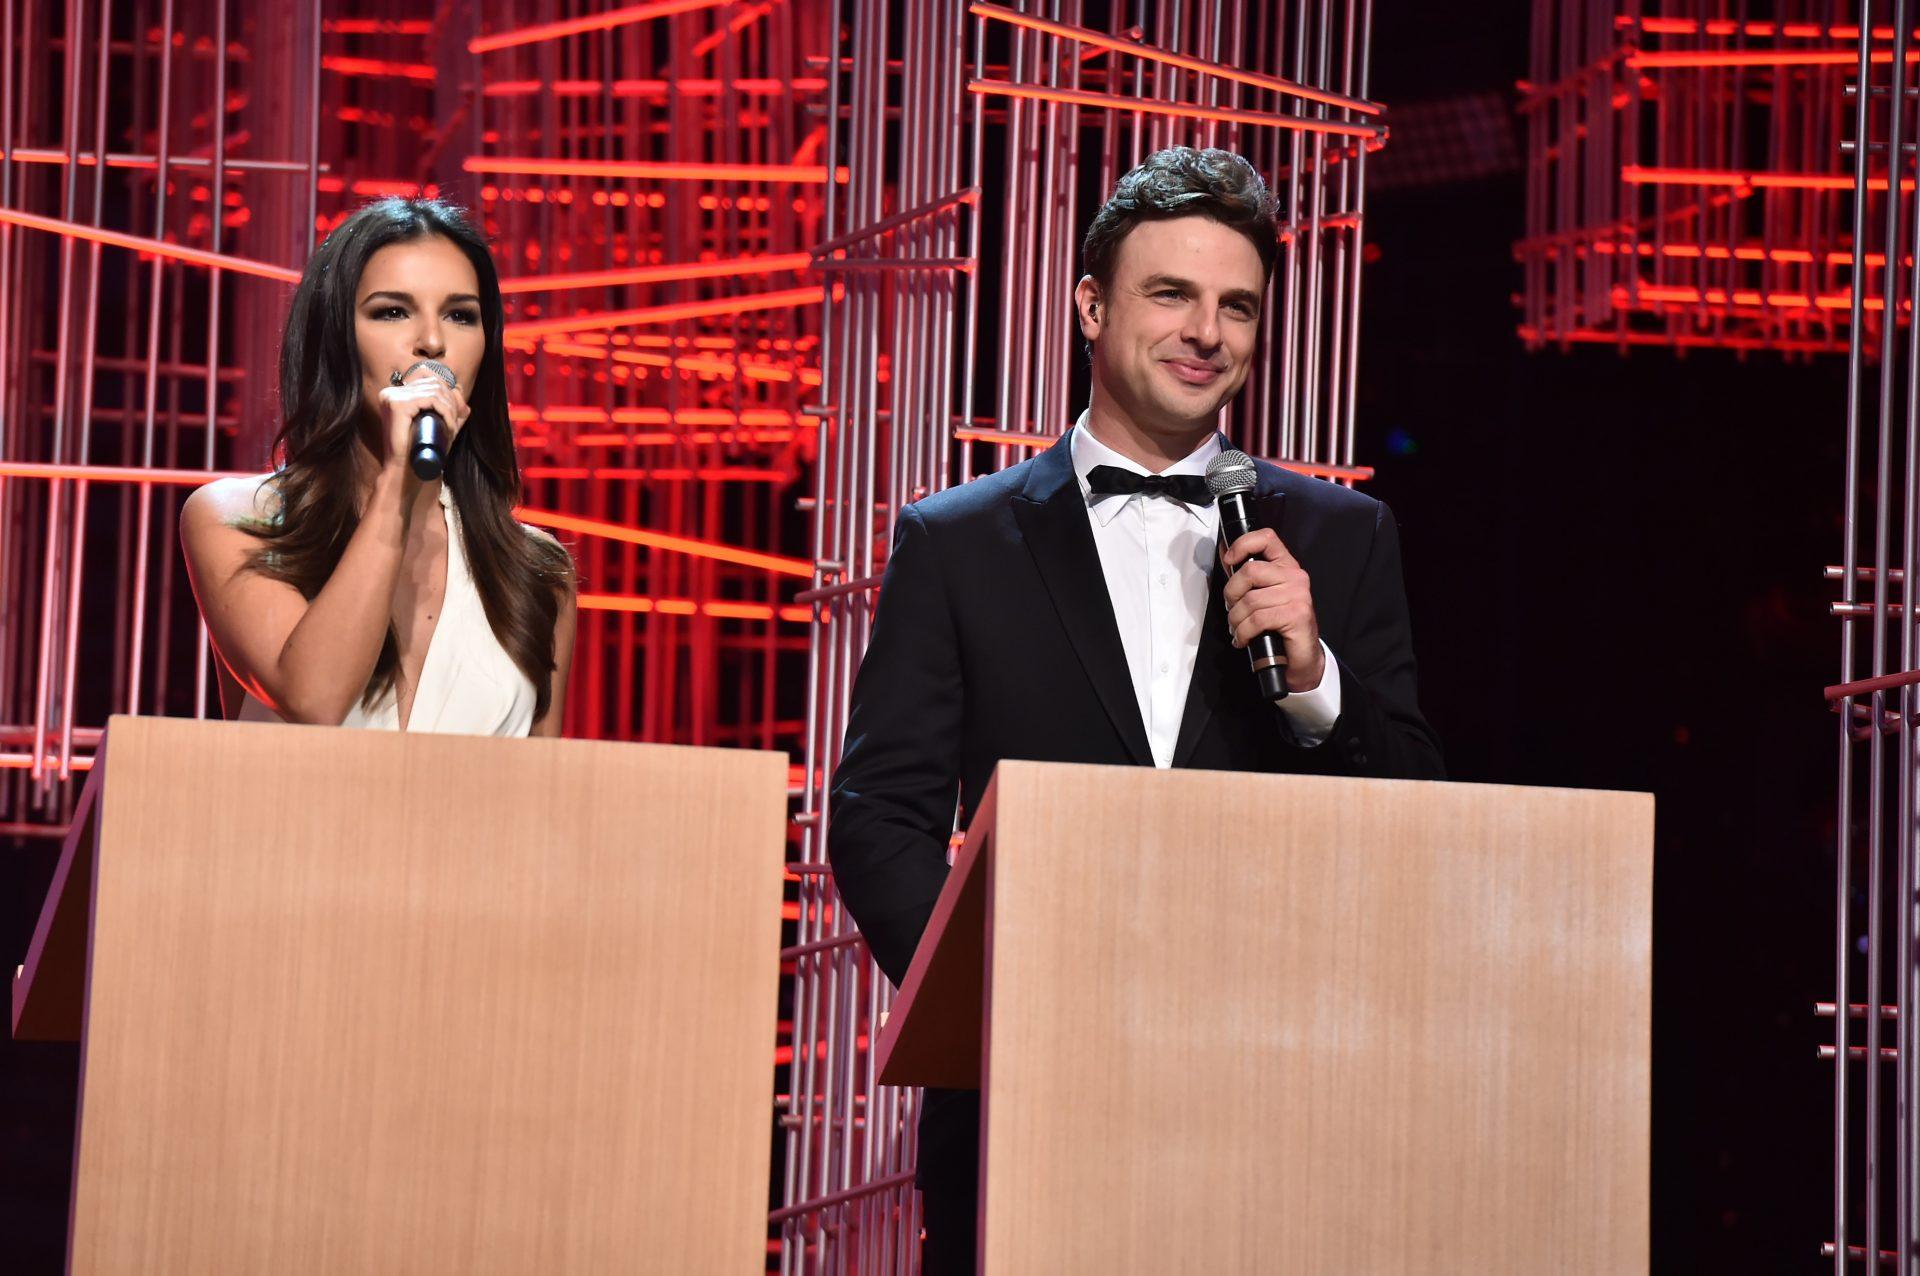 Concurso será apresentado por Mariana Rios e Cássio Reis. Foto: Divulgação/Band